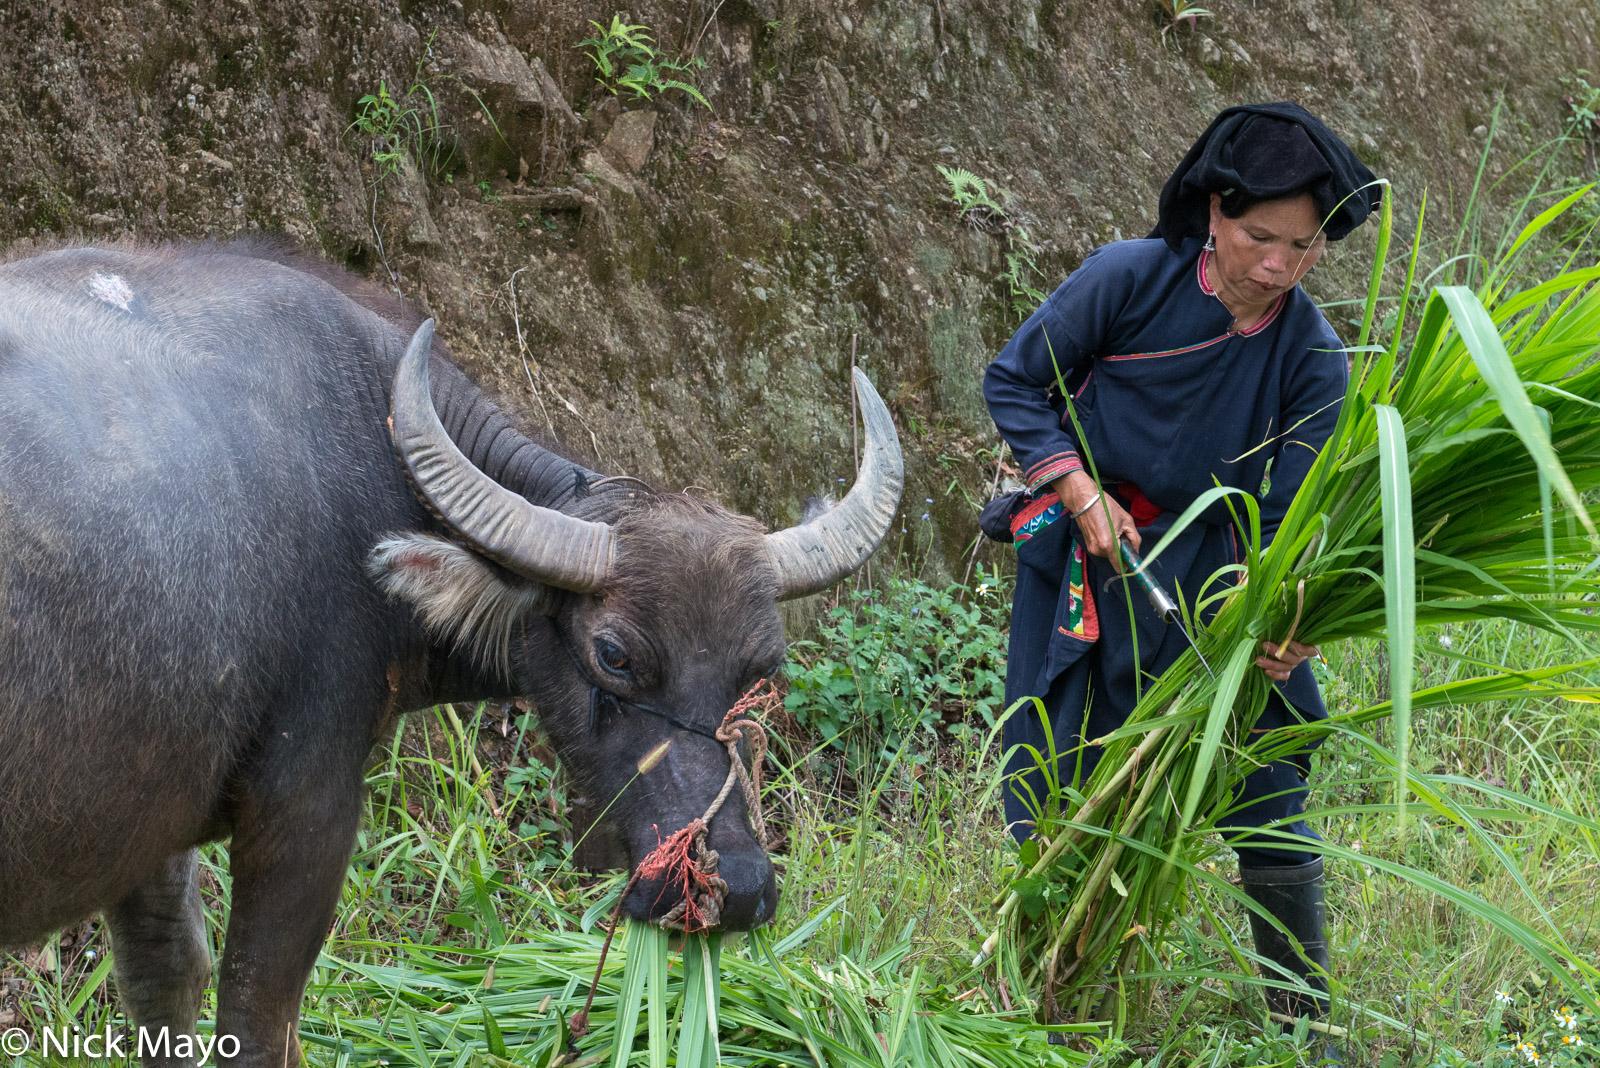 Bracelet, Earring, Fodder, Ha Giang, Hat, Vietnam, Water Buffalo, Yao, photo